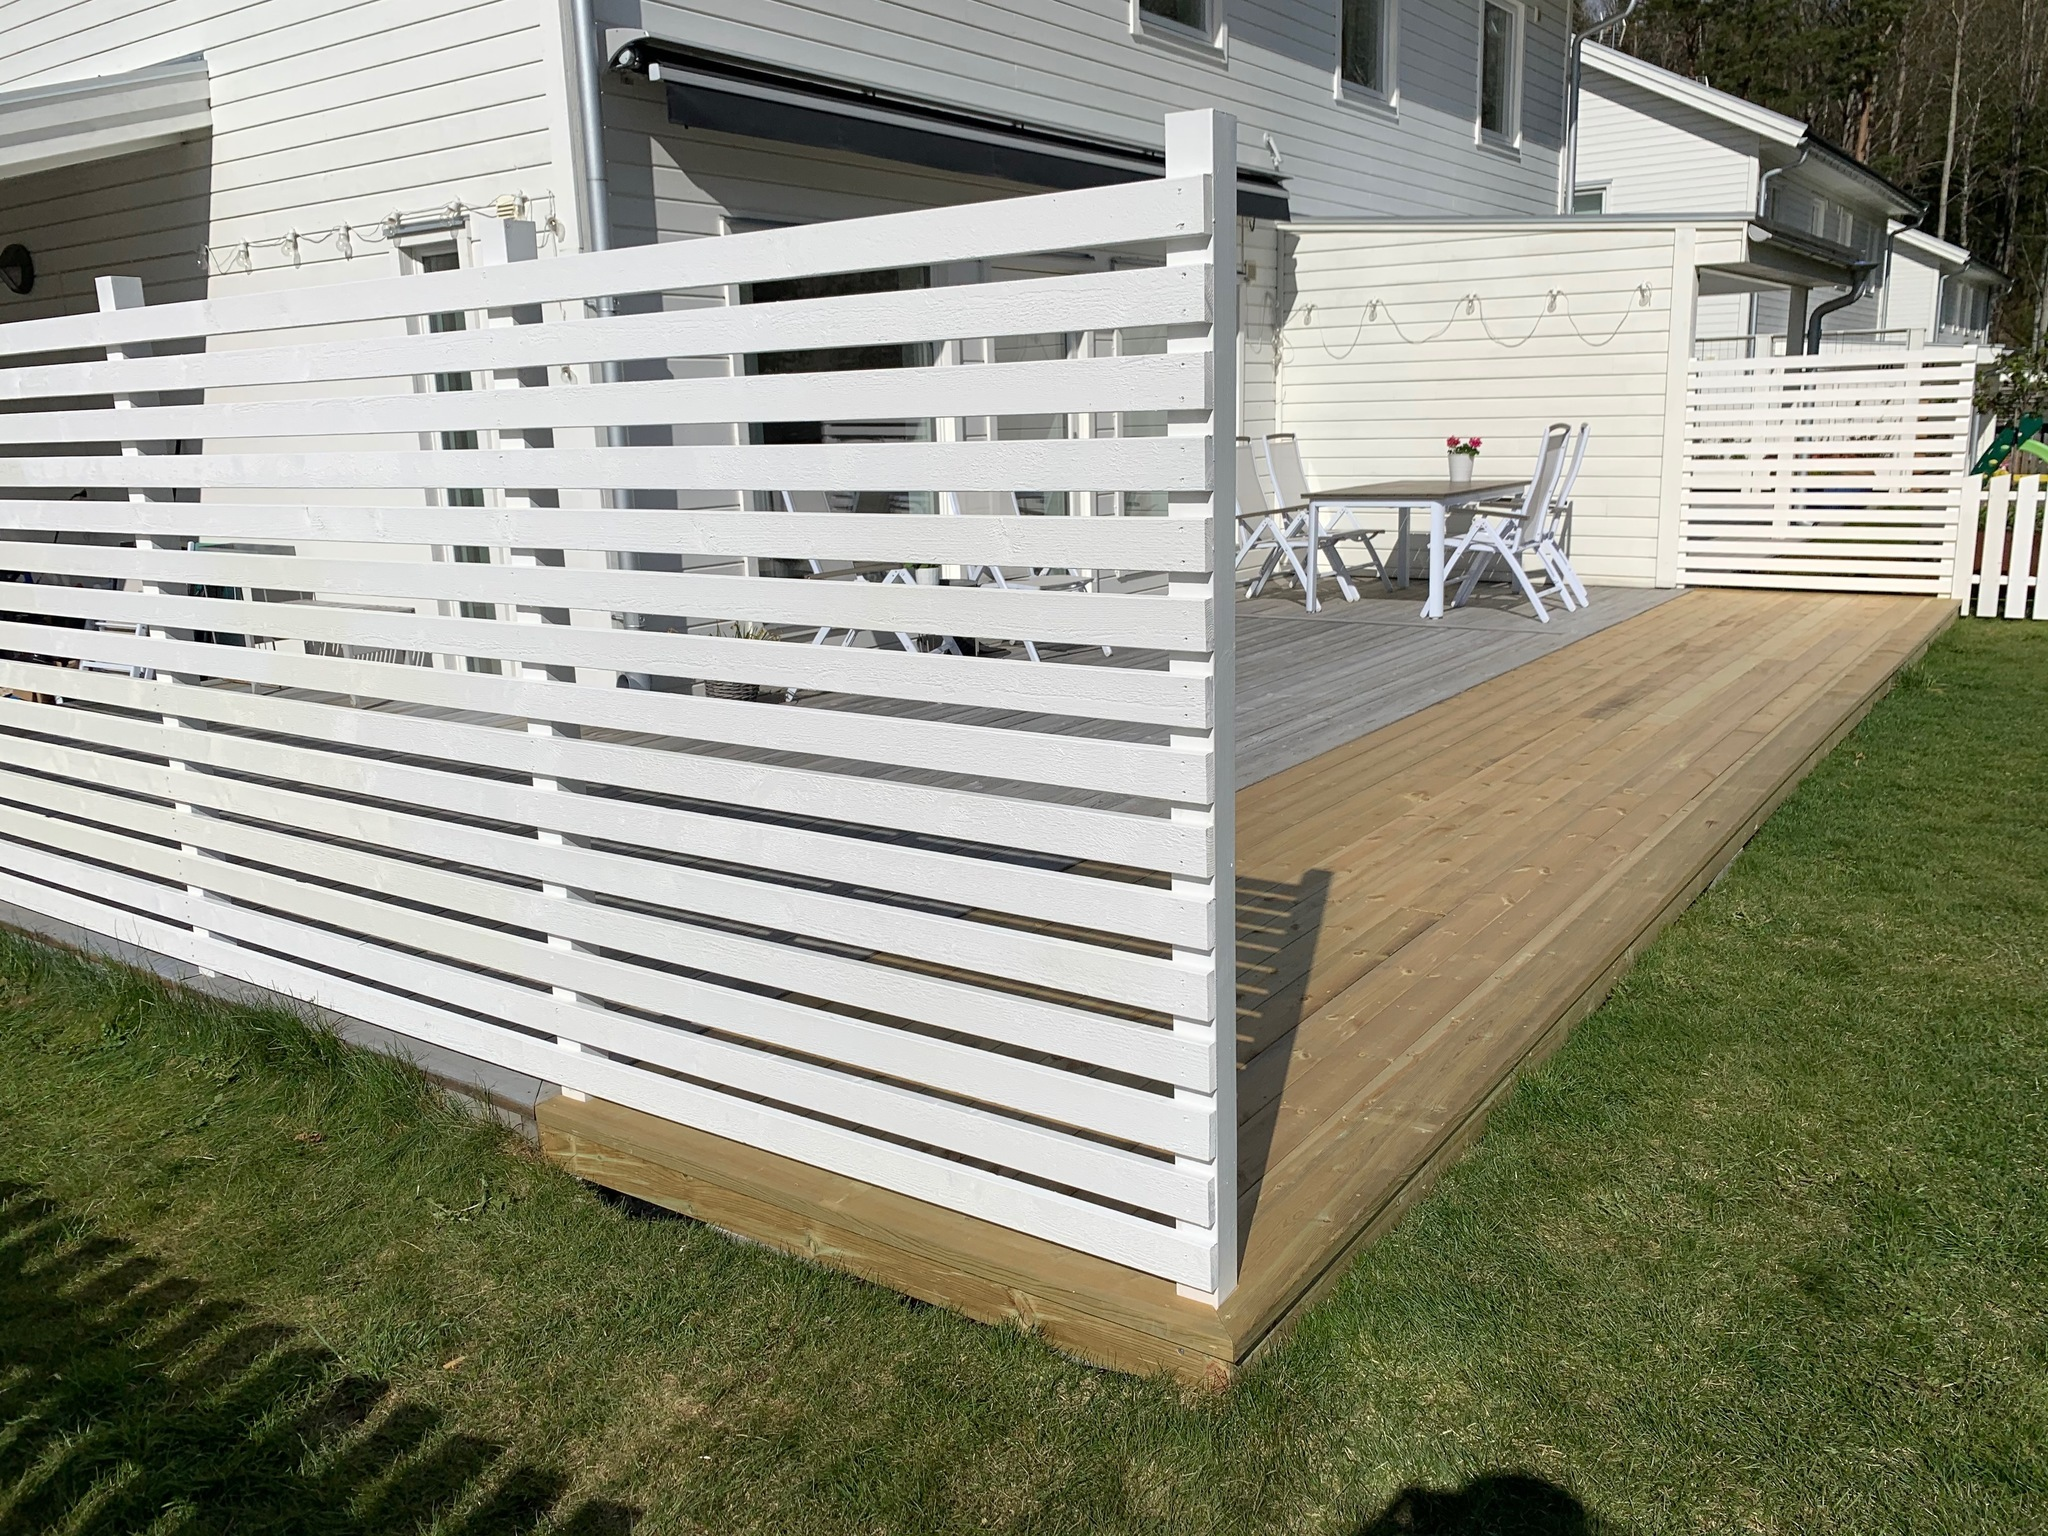 Altanbyggnation och insynsskydd,Nytt handbyggt staket, Byggnation av staket med kryss